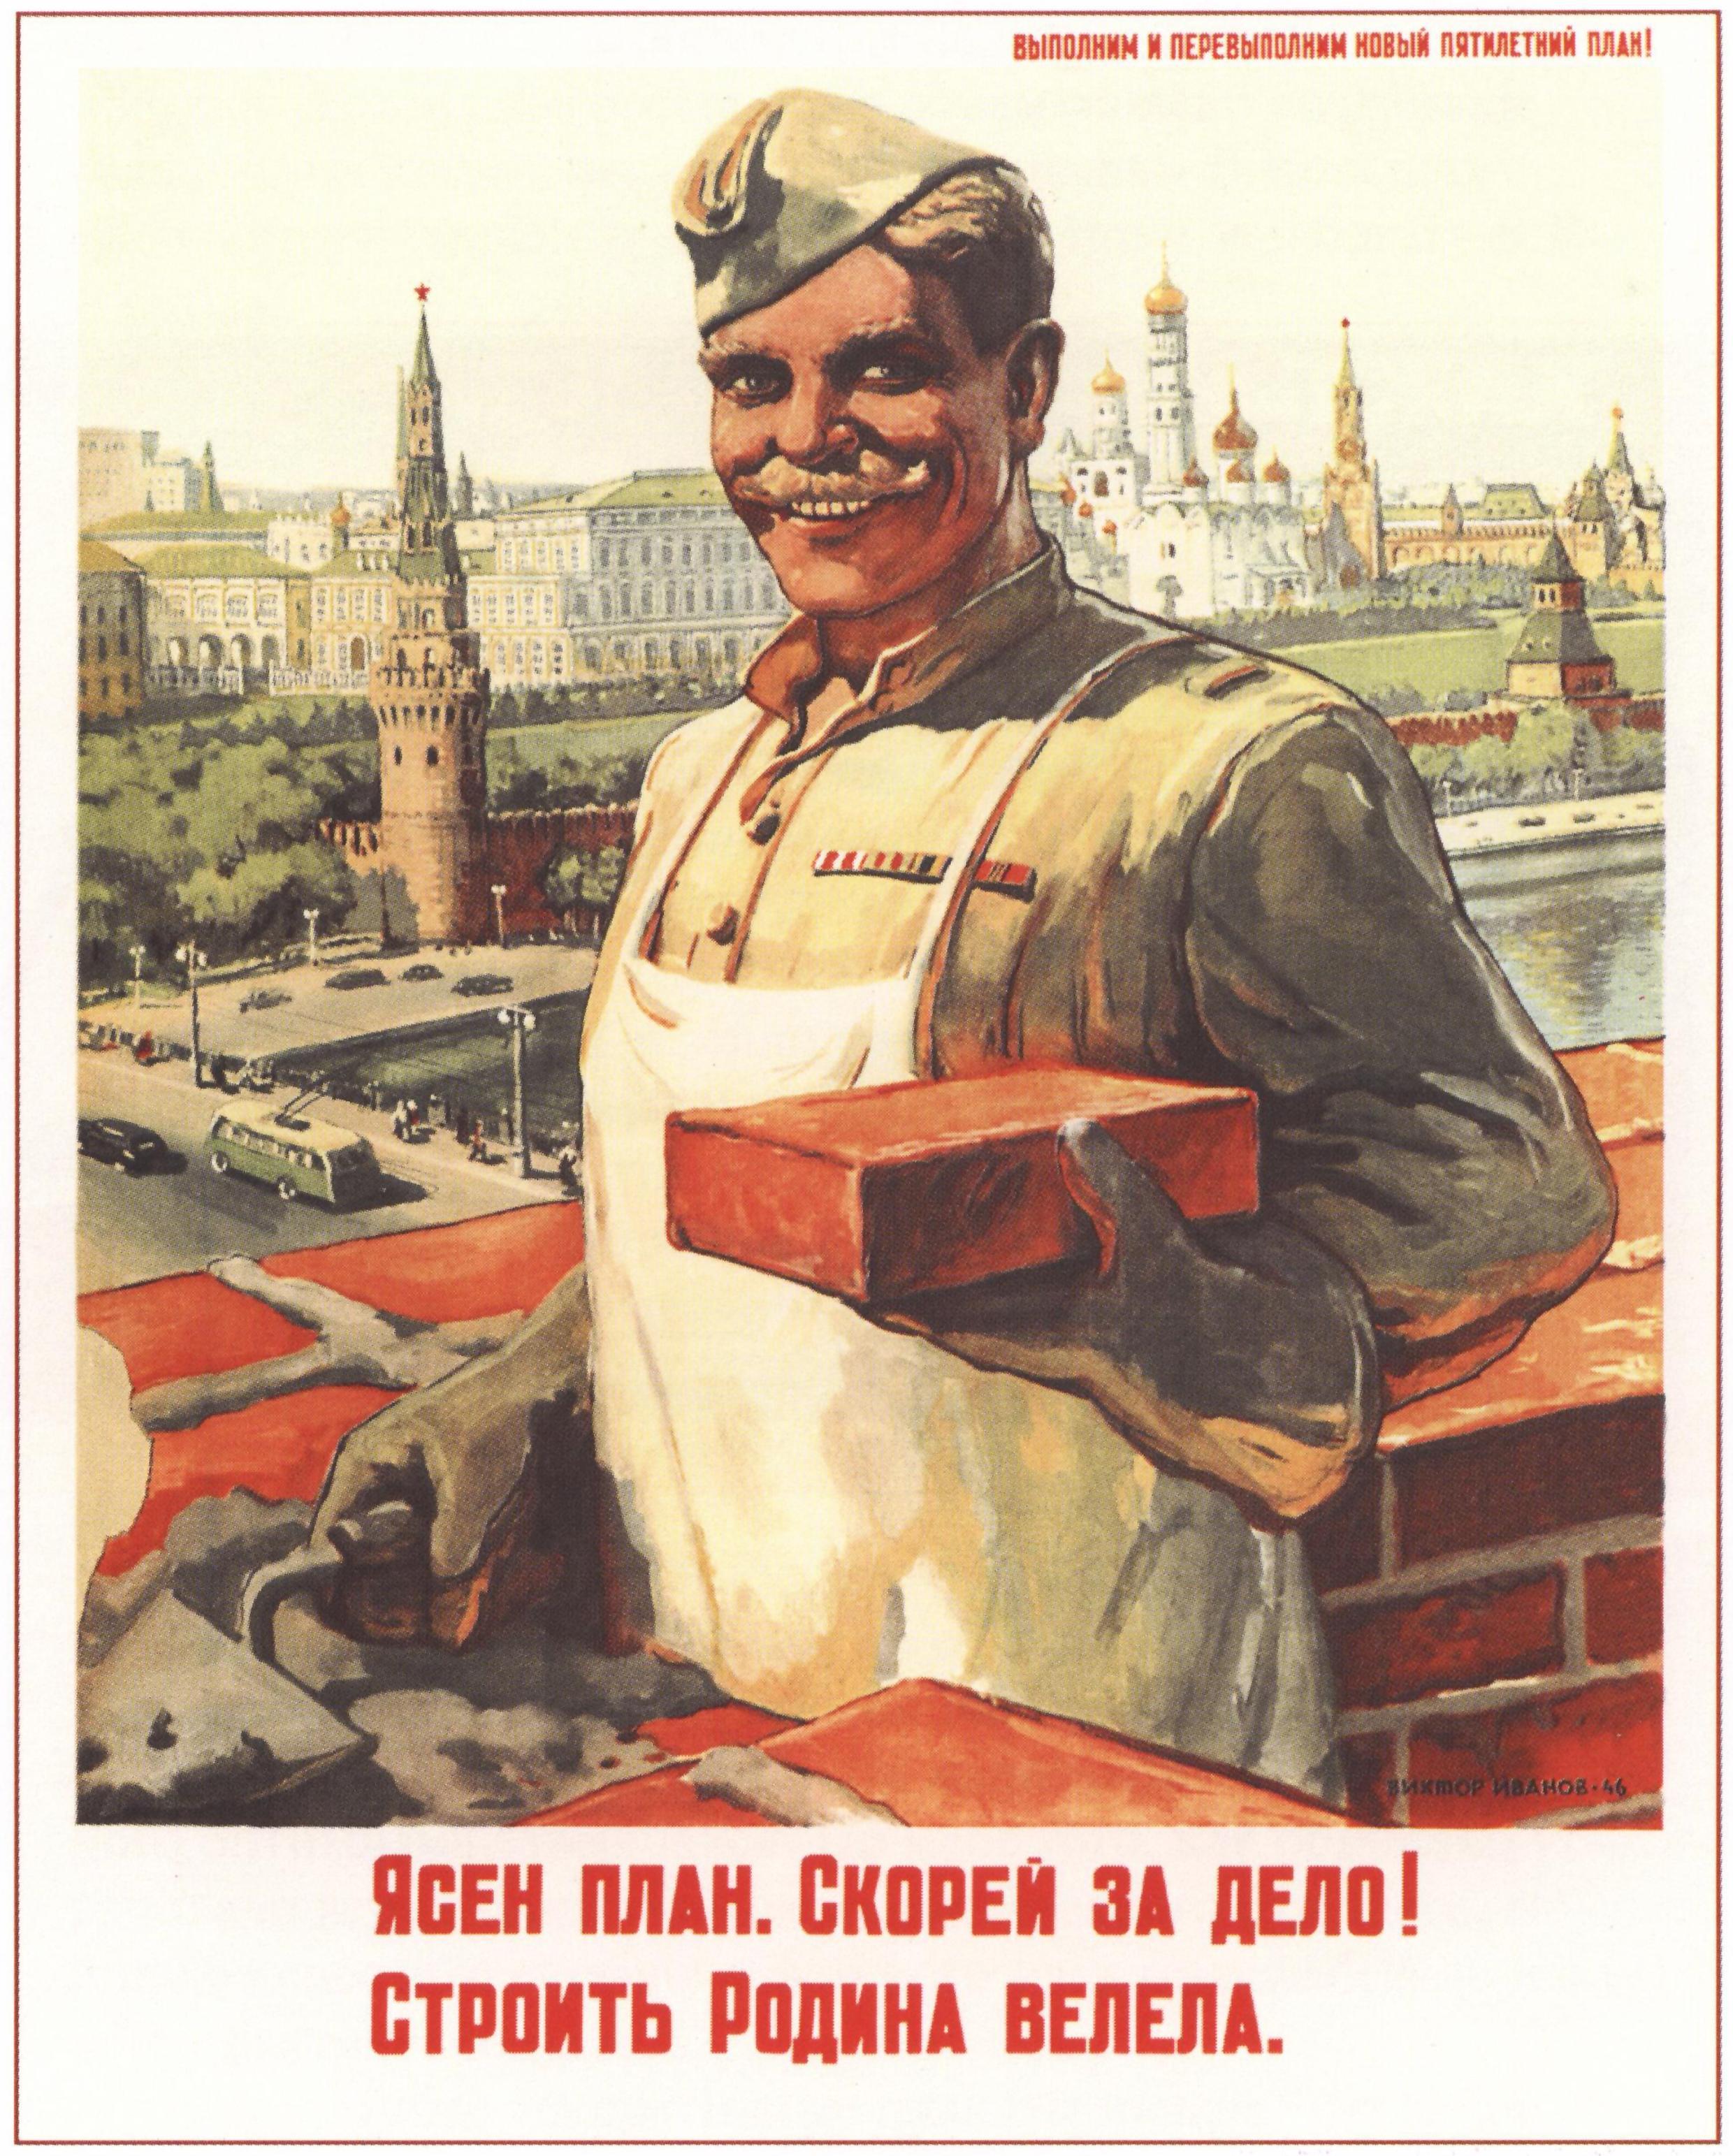 Картинки советских лозунгов